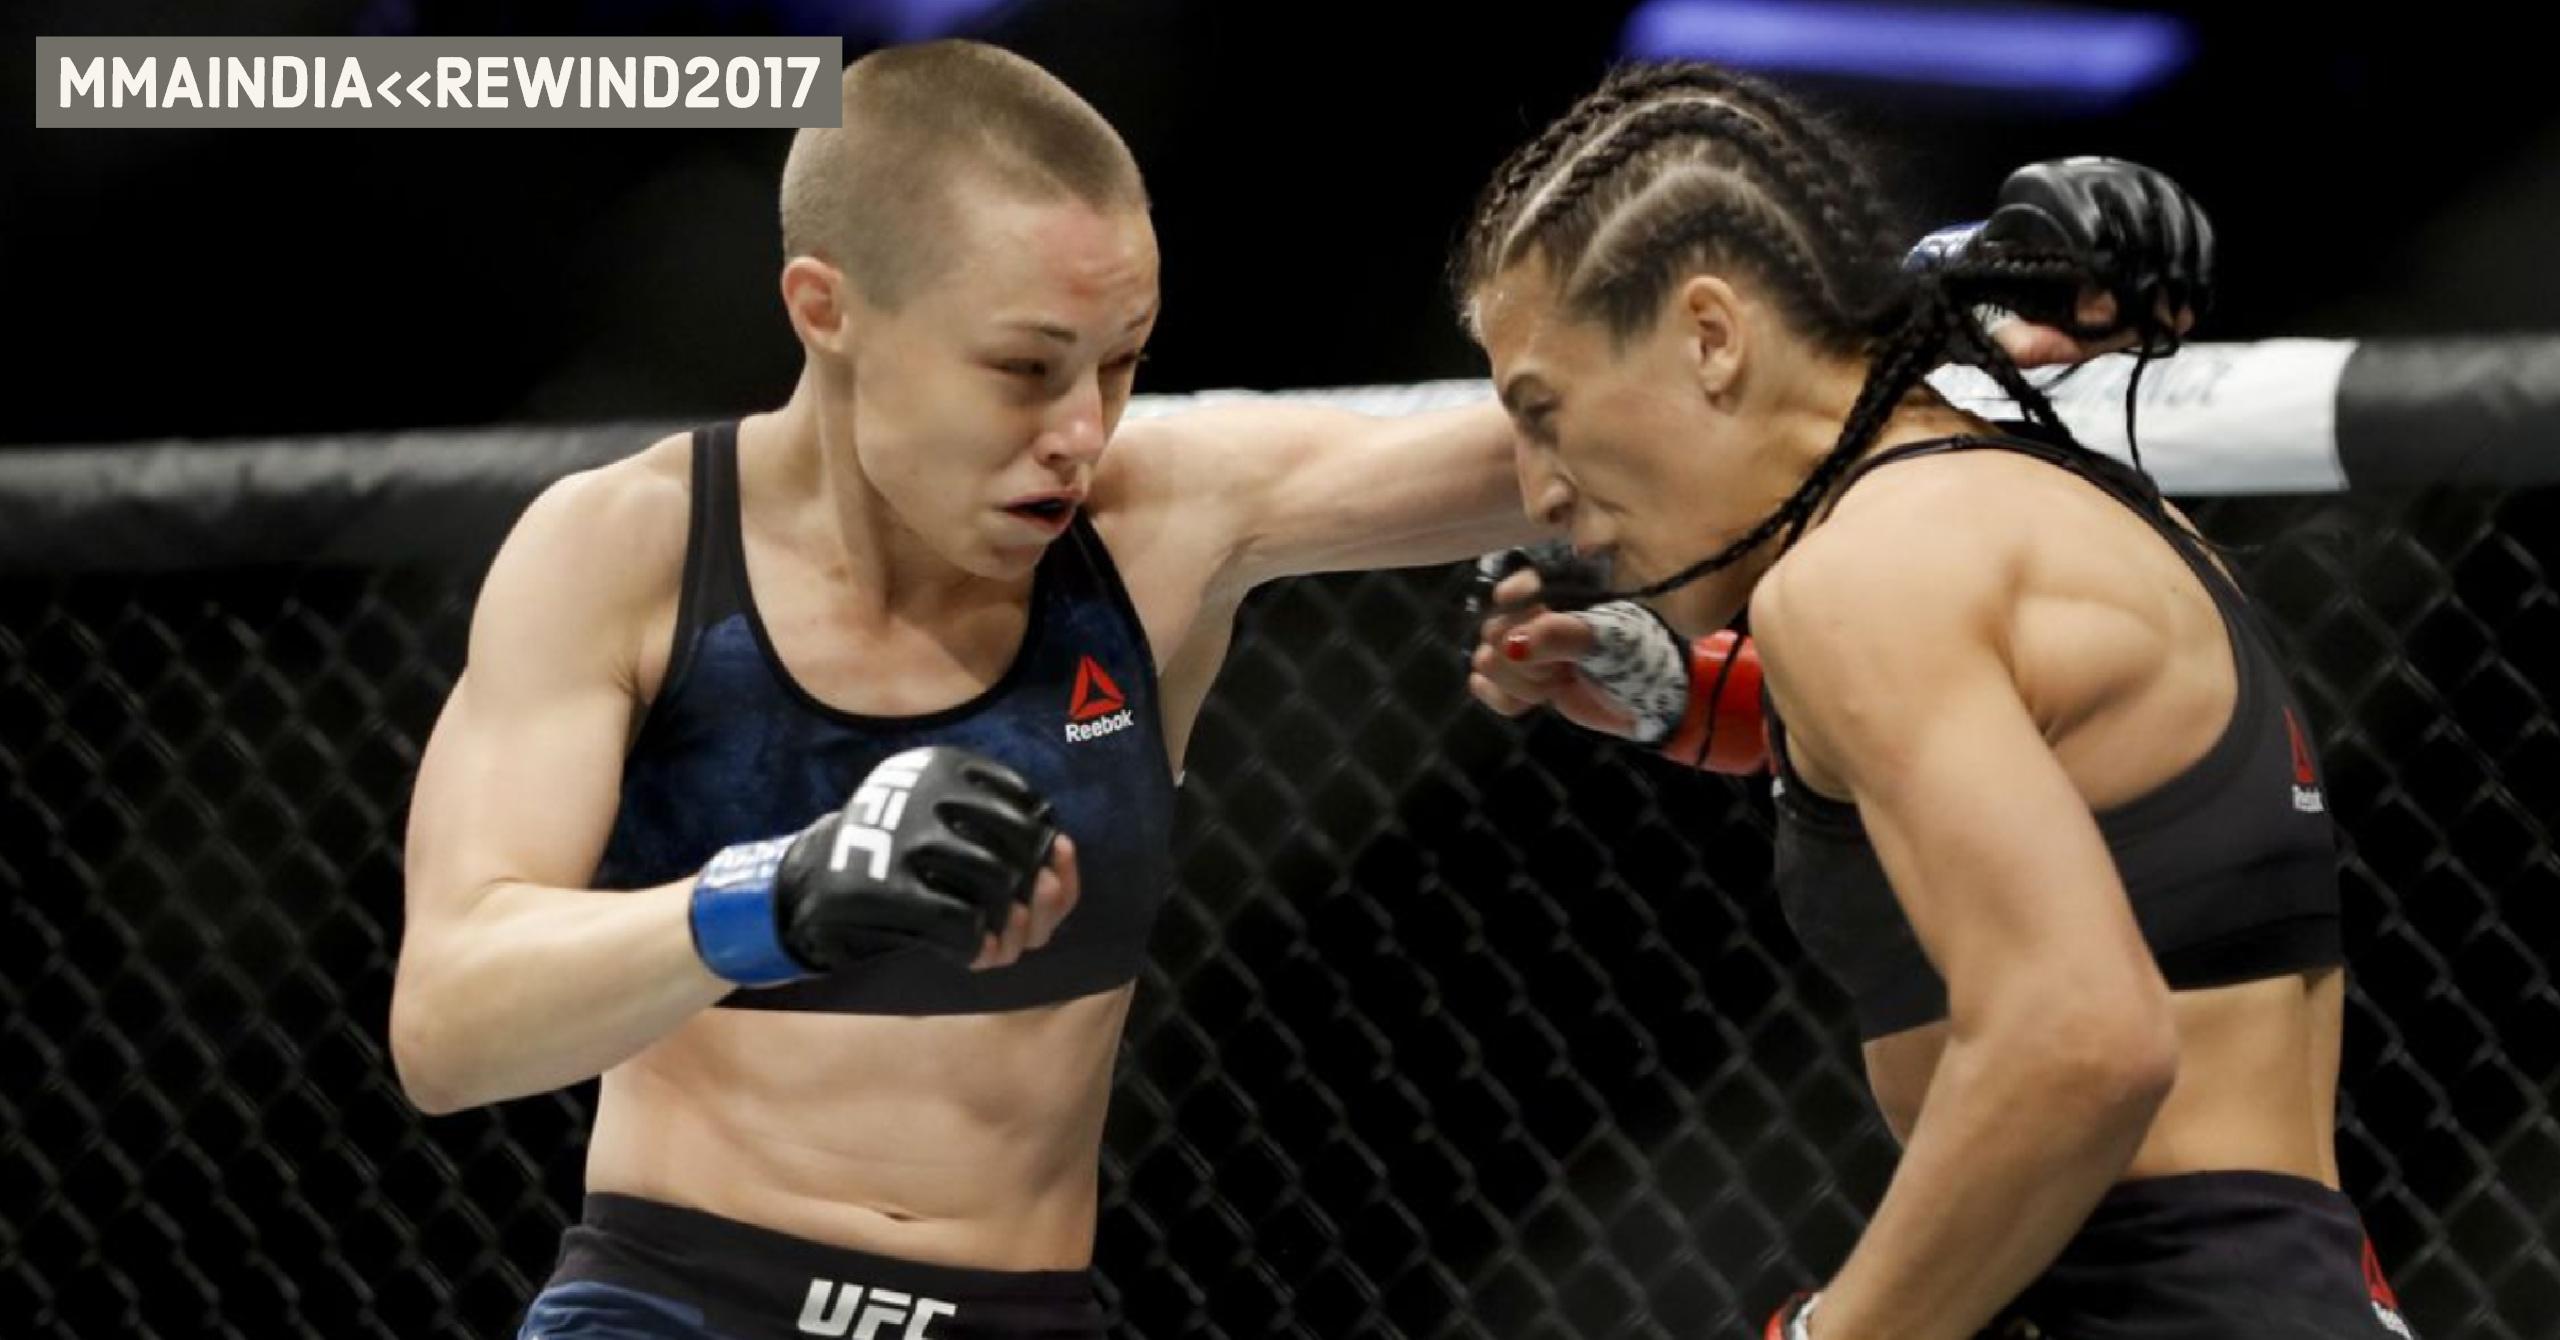 15 Best Women's MMA Fights of 2017 -